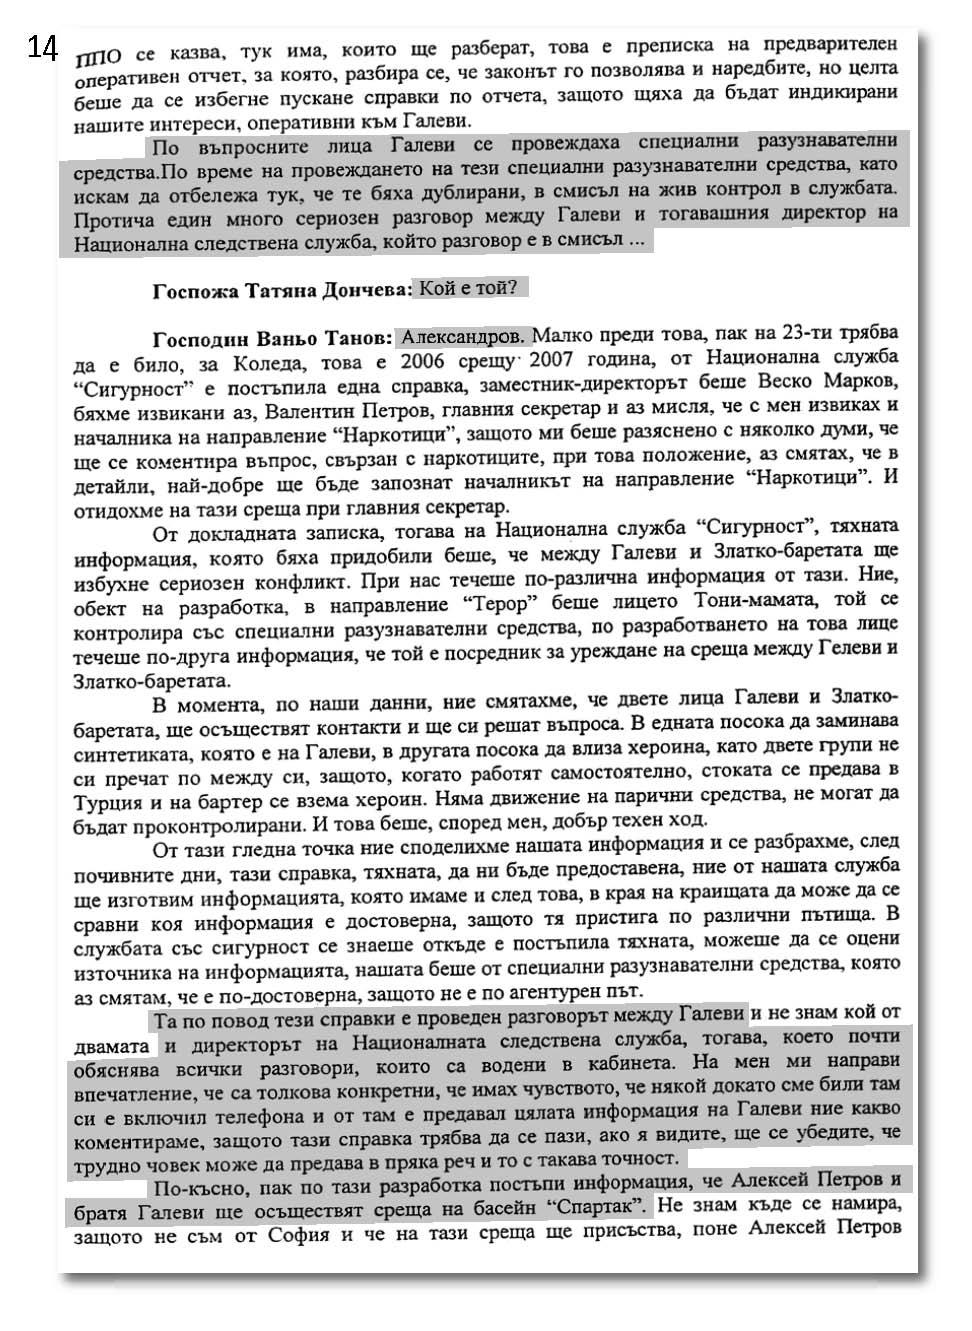 stenograma_page_14